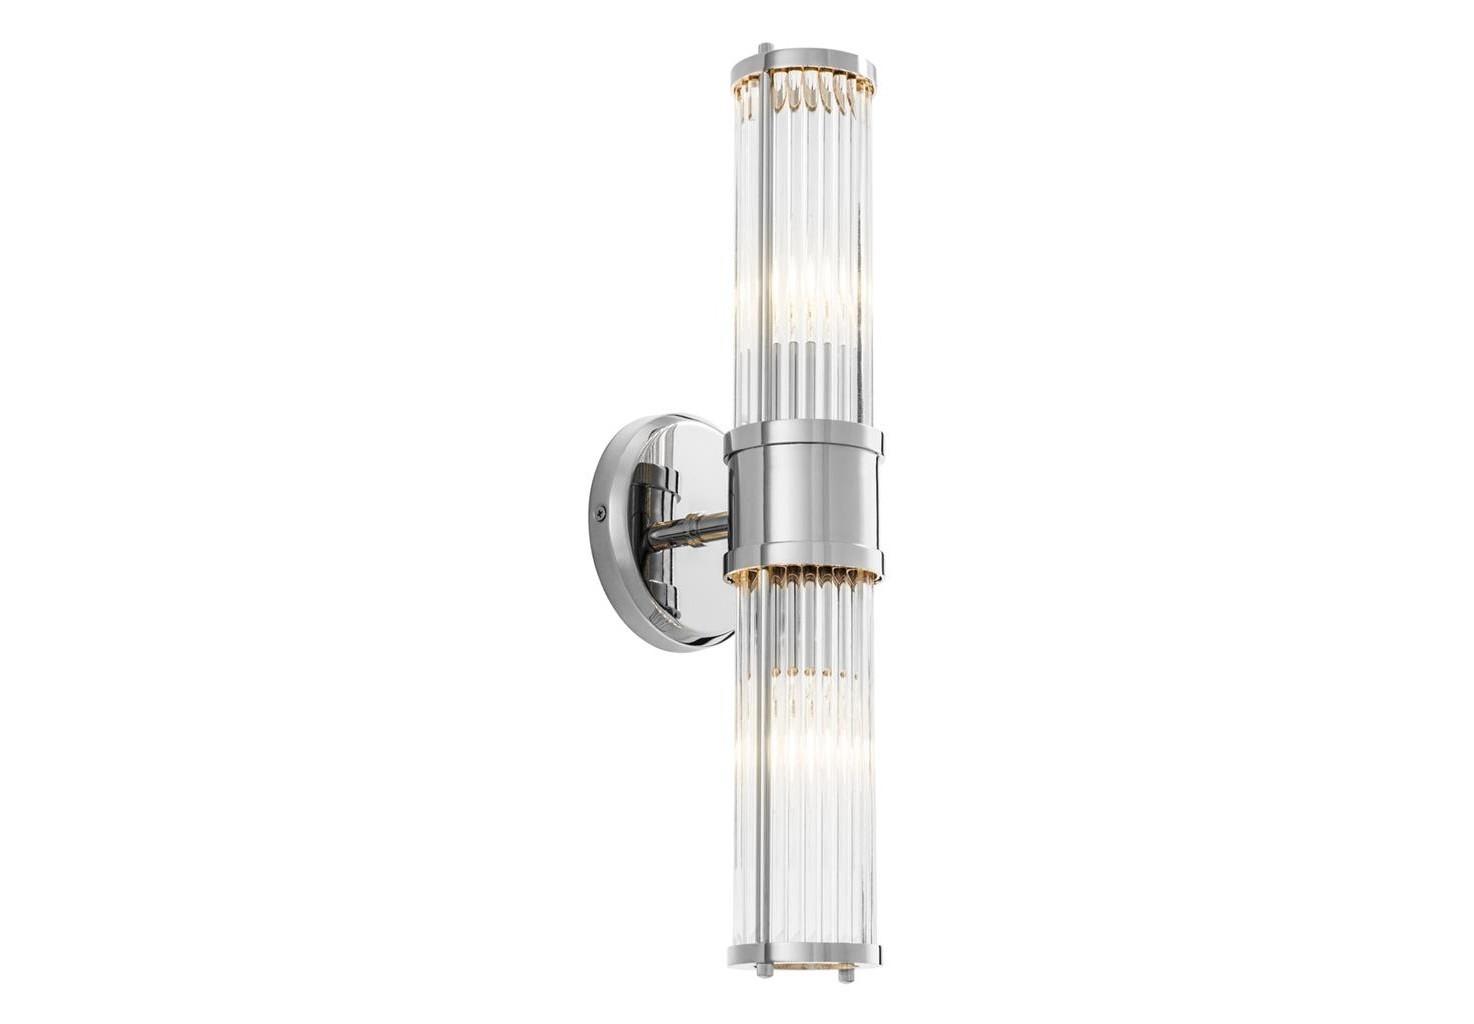 Настенный светильникБра<br>Настенный светильник Wall Lamp Claridges Double выполнен из никелированного металла. Плафон выполнен из фактурного прозрачного стекла.&amp;lt;div&amp;gt;&amp;lt;br&amp;gt;&amp;lt;/div&amp;gt;&amp;lt;div&amp;gt;&amp;lt;div&amp;gt;Тип цоколя: E14&amp;lt;/div&amp;gt;&amp;lt;div&amp;gt;Мощность: 40W&amp;lt;/div&amp;gt;&amp;lt;div&amp;gt;Кол-во ламп: 2 &amp;amp;nbsp;(нет в комплекте)&amp;lt;/div&amp;gt;&amp;lt;/div&amp;gt;<br><br>Material: Металл<br>Width см: 12<br>Depth см: 13<br>Height см: 46,5